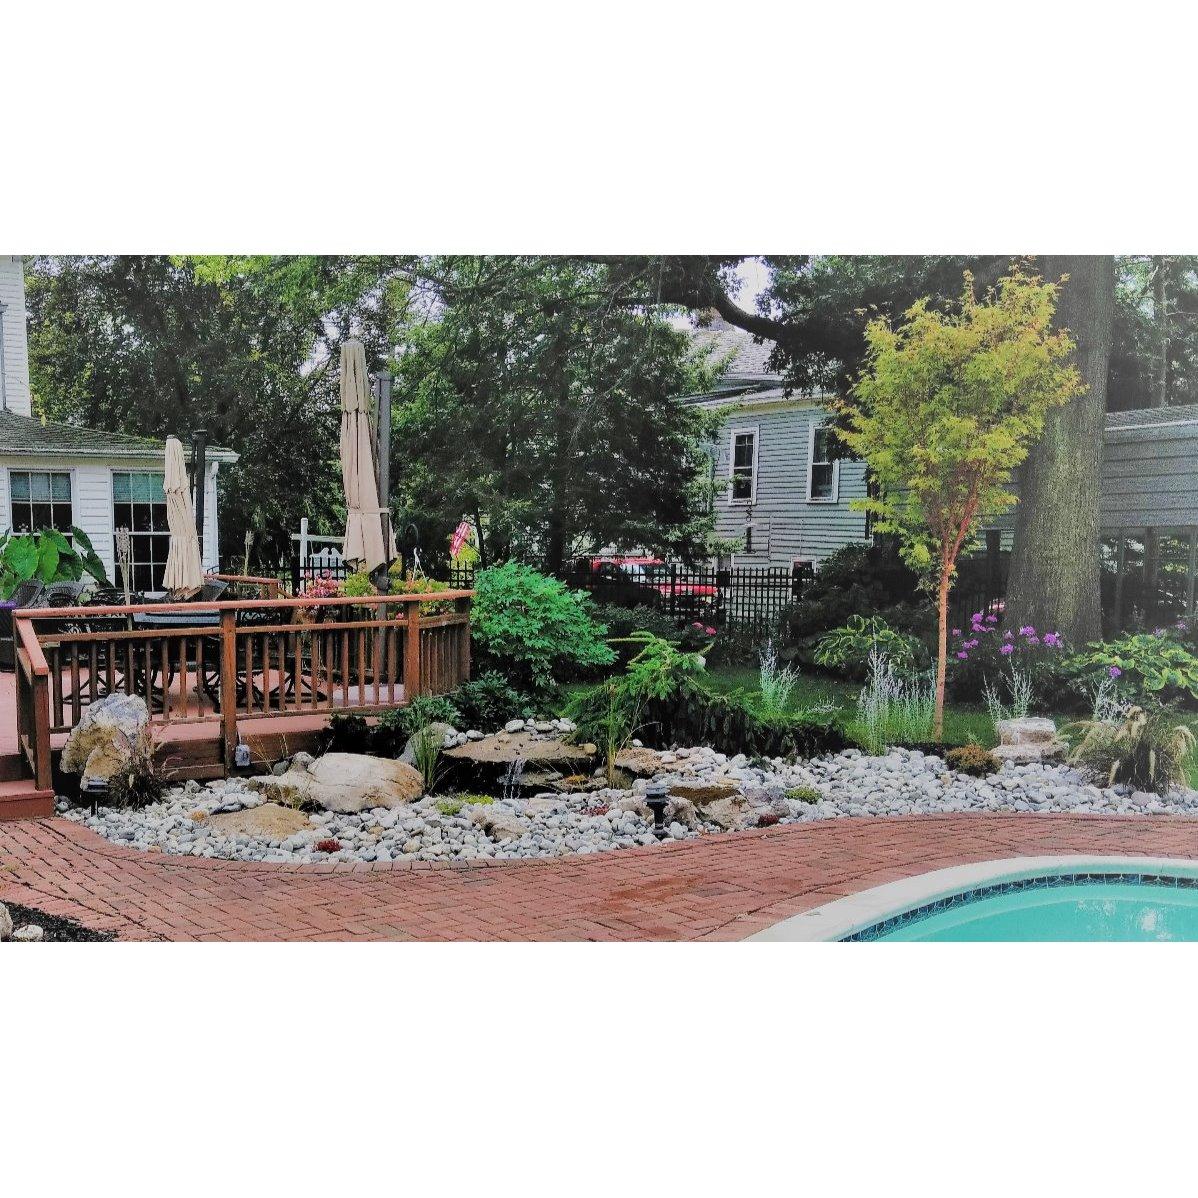 Outdoorspaces Landscape Design & Build Services